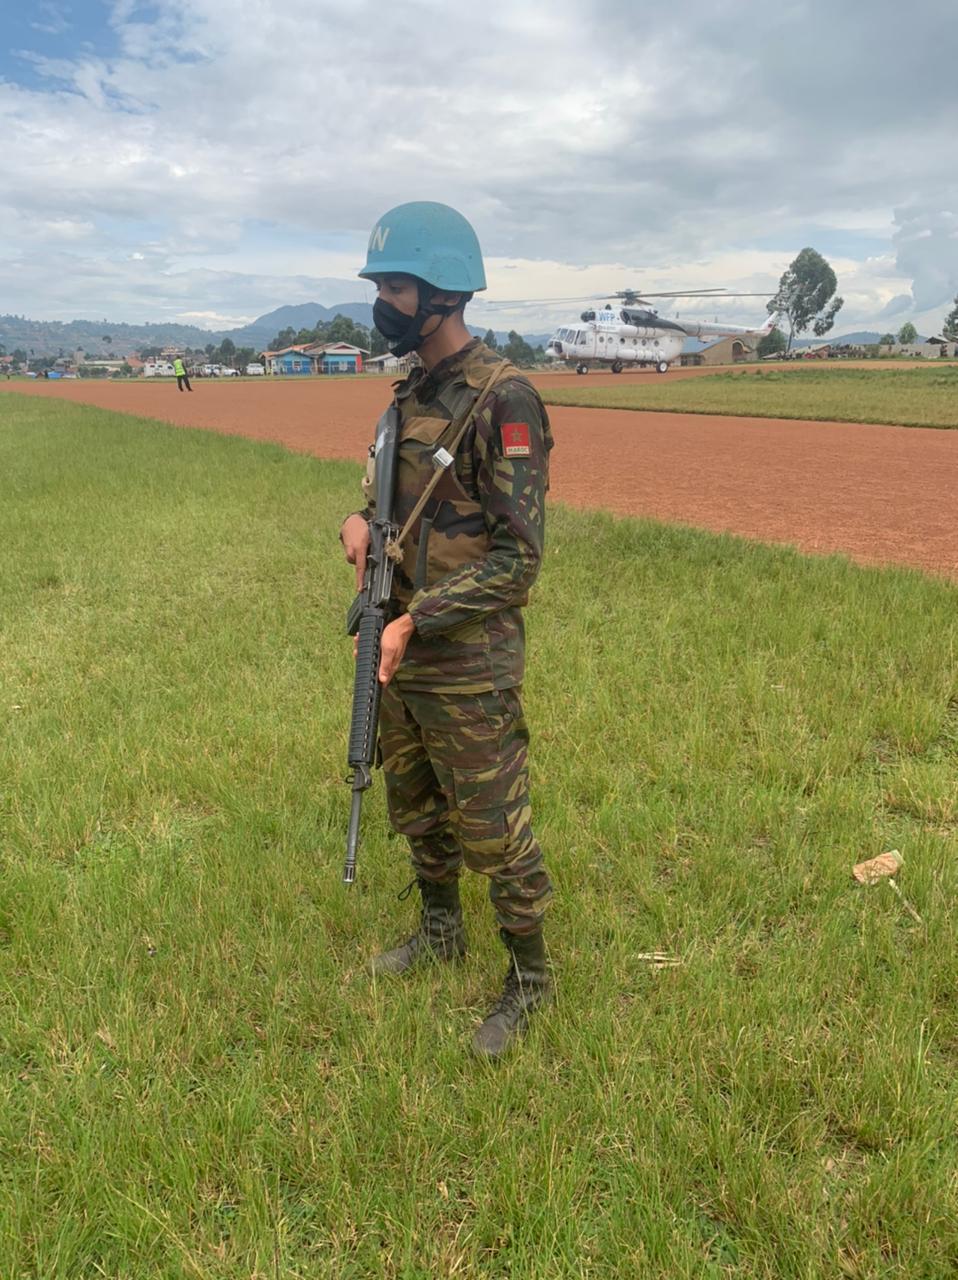 Maintien de la paix dans le monde - Les FAR en République Centrafricaine - RCA (MINUSCA) - Page 20 Eysx6111